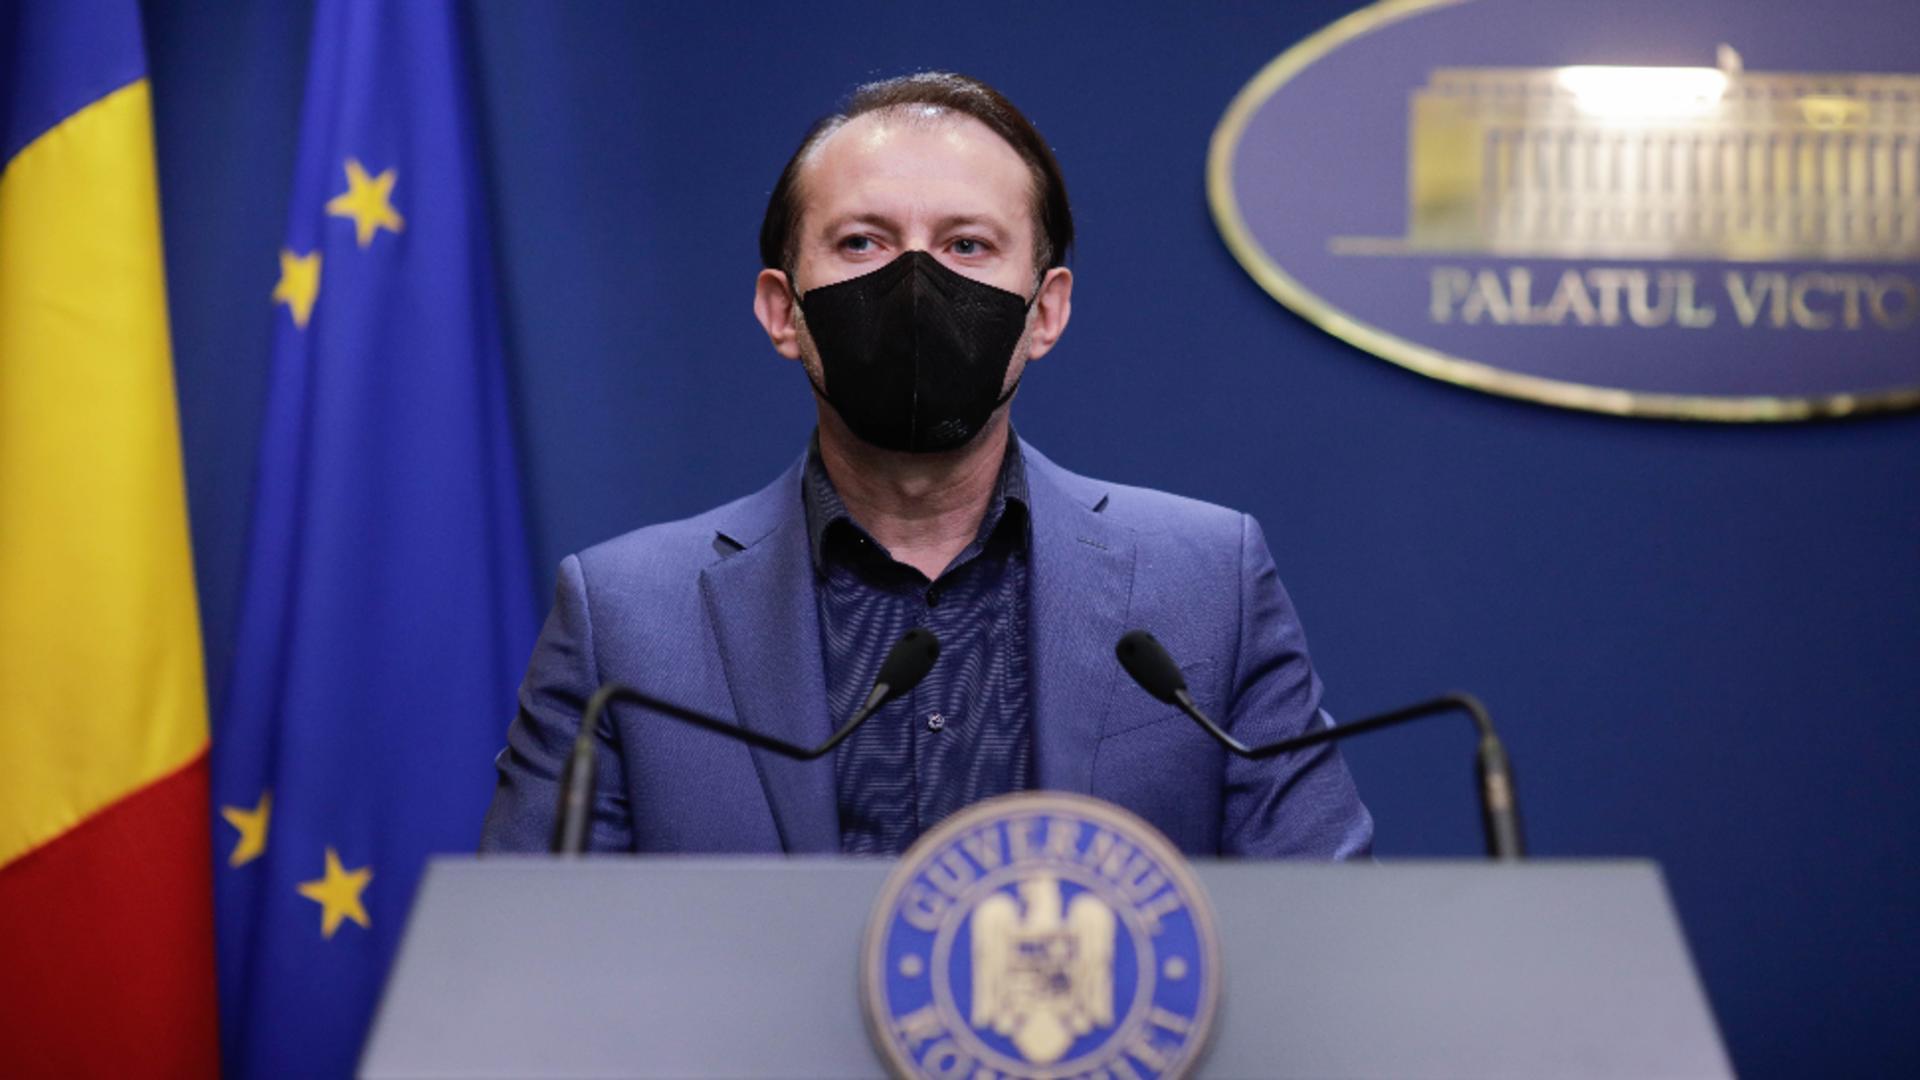 """Premierul Florin Cîțu, anunț despre incidentul tragic de la Spitalul """"Victor Babeș"""" Foto: InquamPhotos/George Călin"""